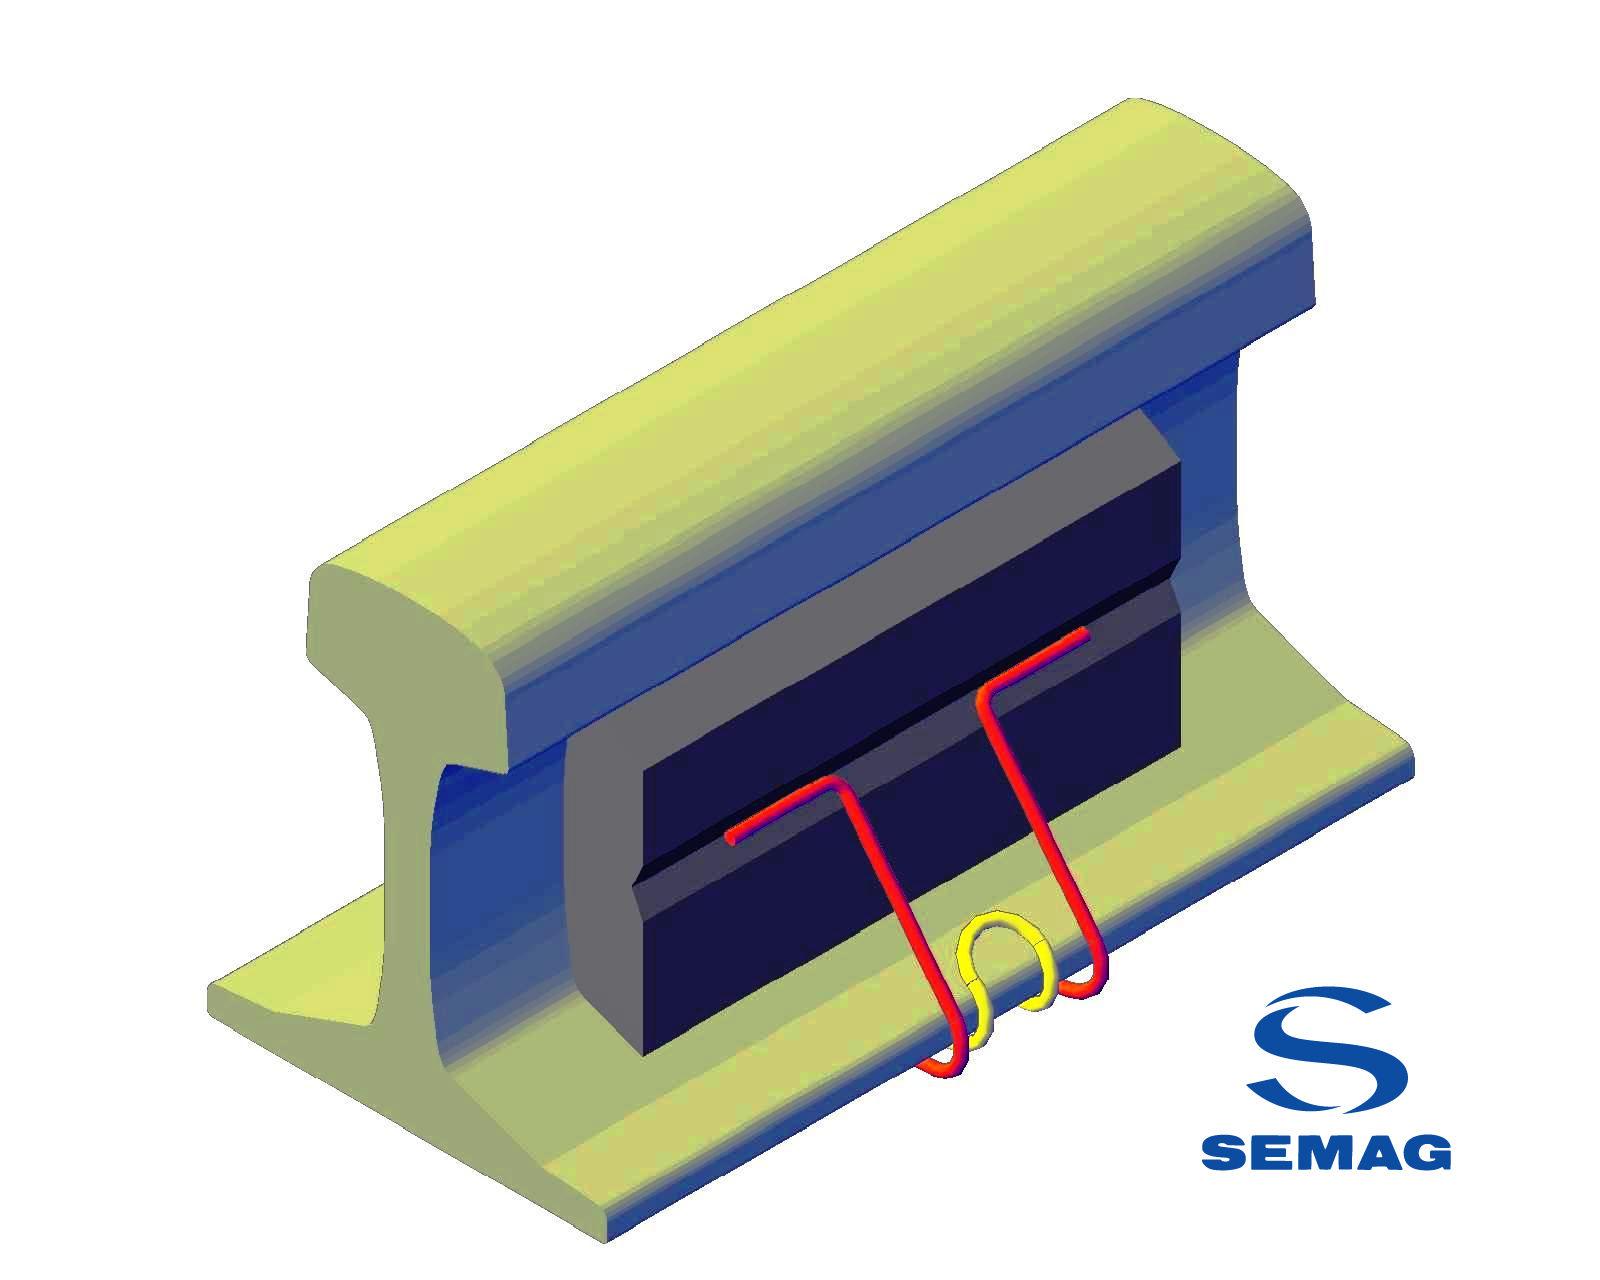 Wkładka przyszynowa Semag 60E1